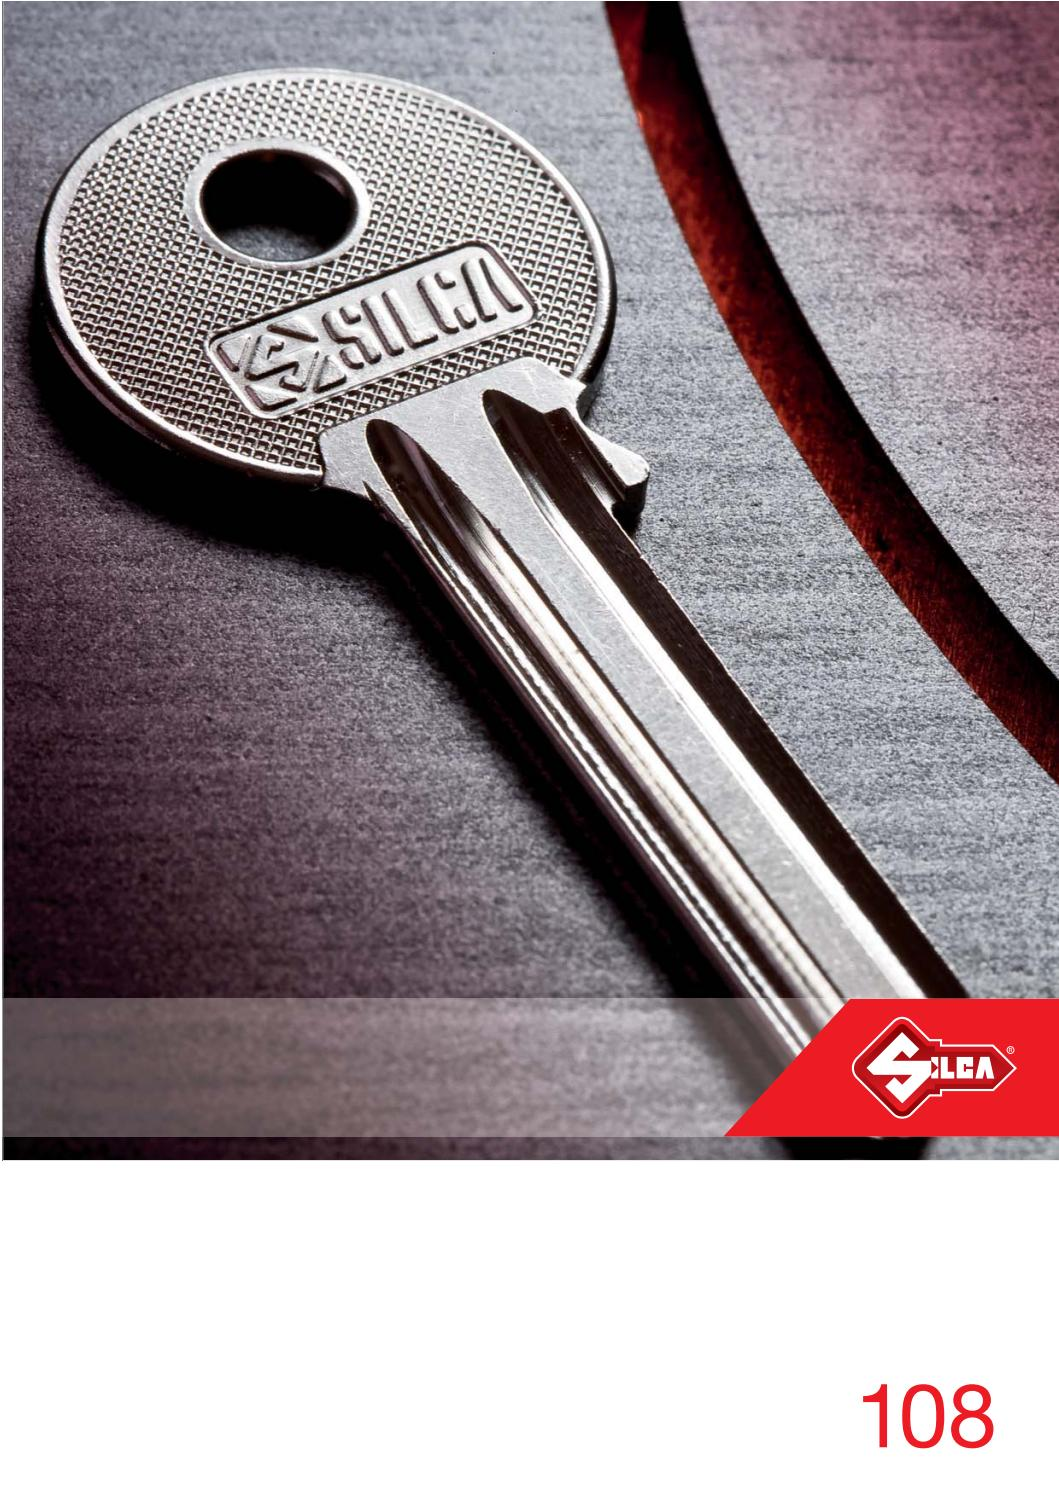 CB6R SILCA Corbin Key Blanks Pack 10 Quantity